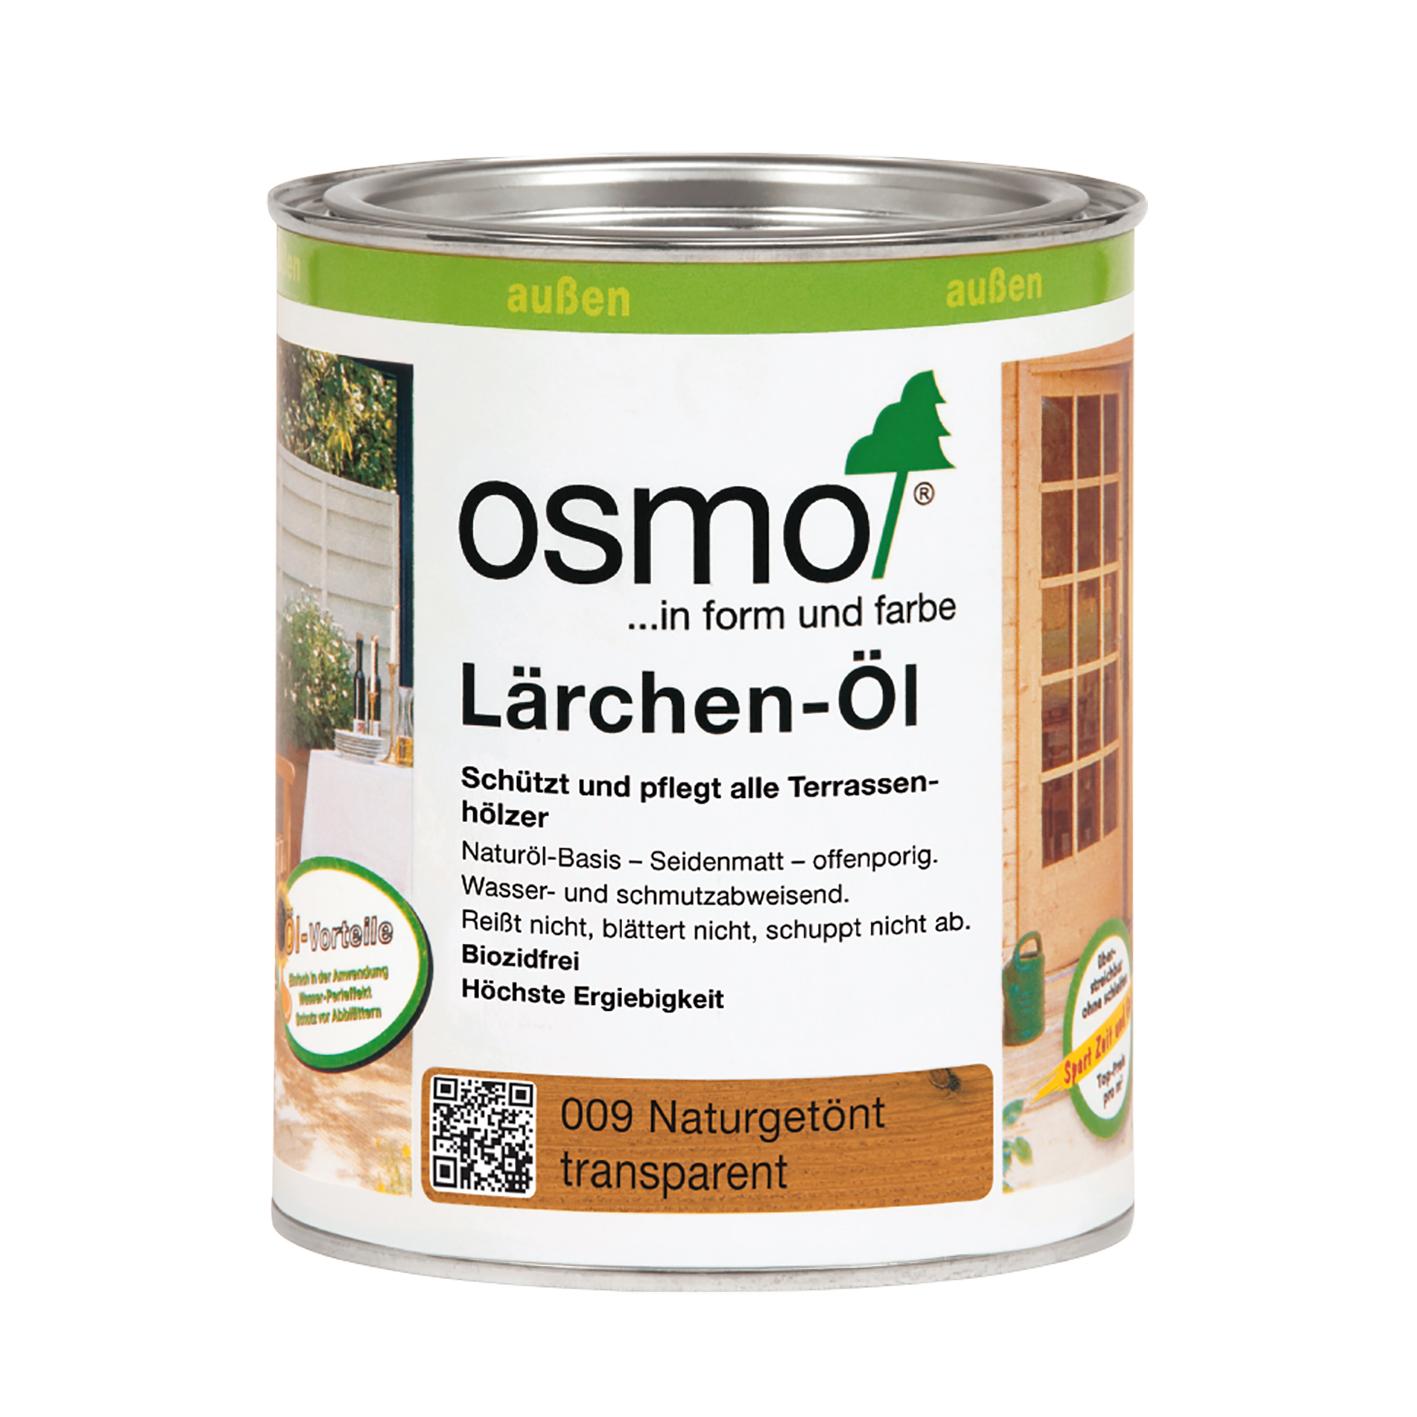 Osmo larch-oil  nature 750ml